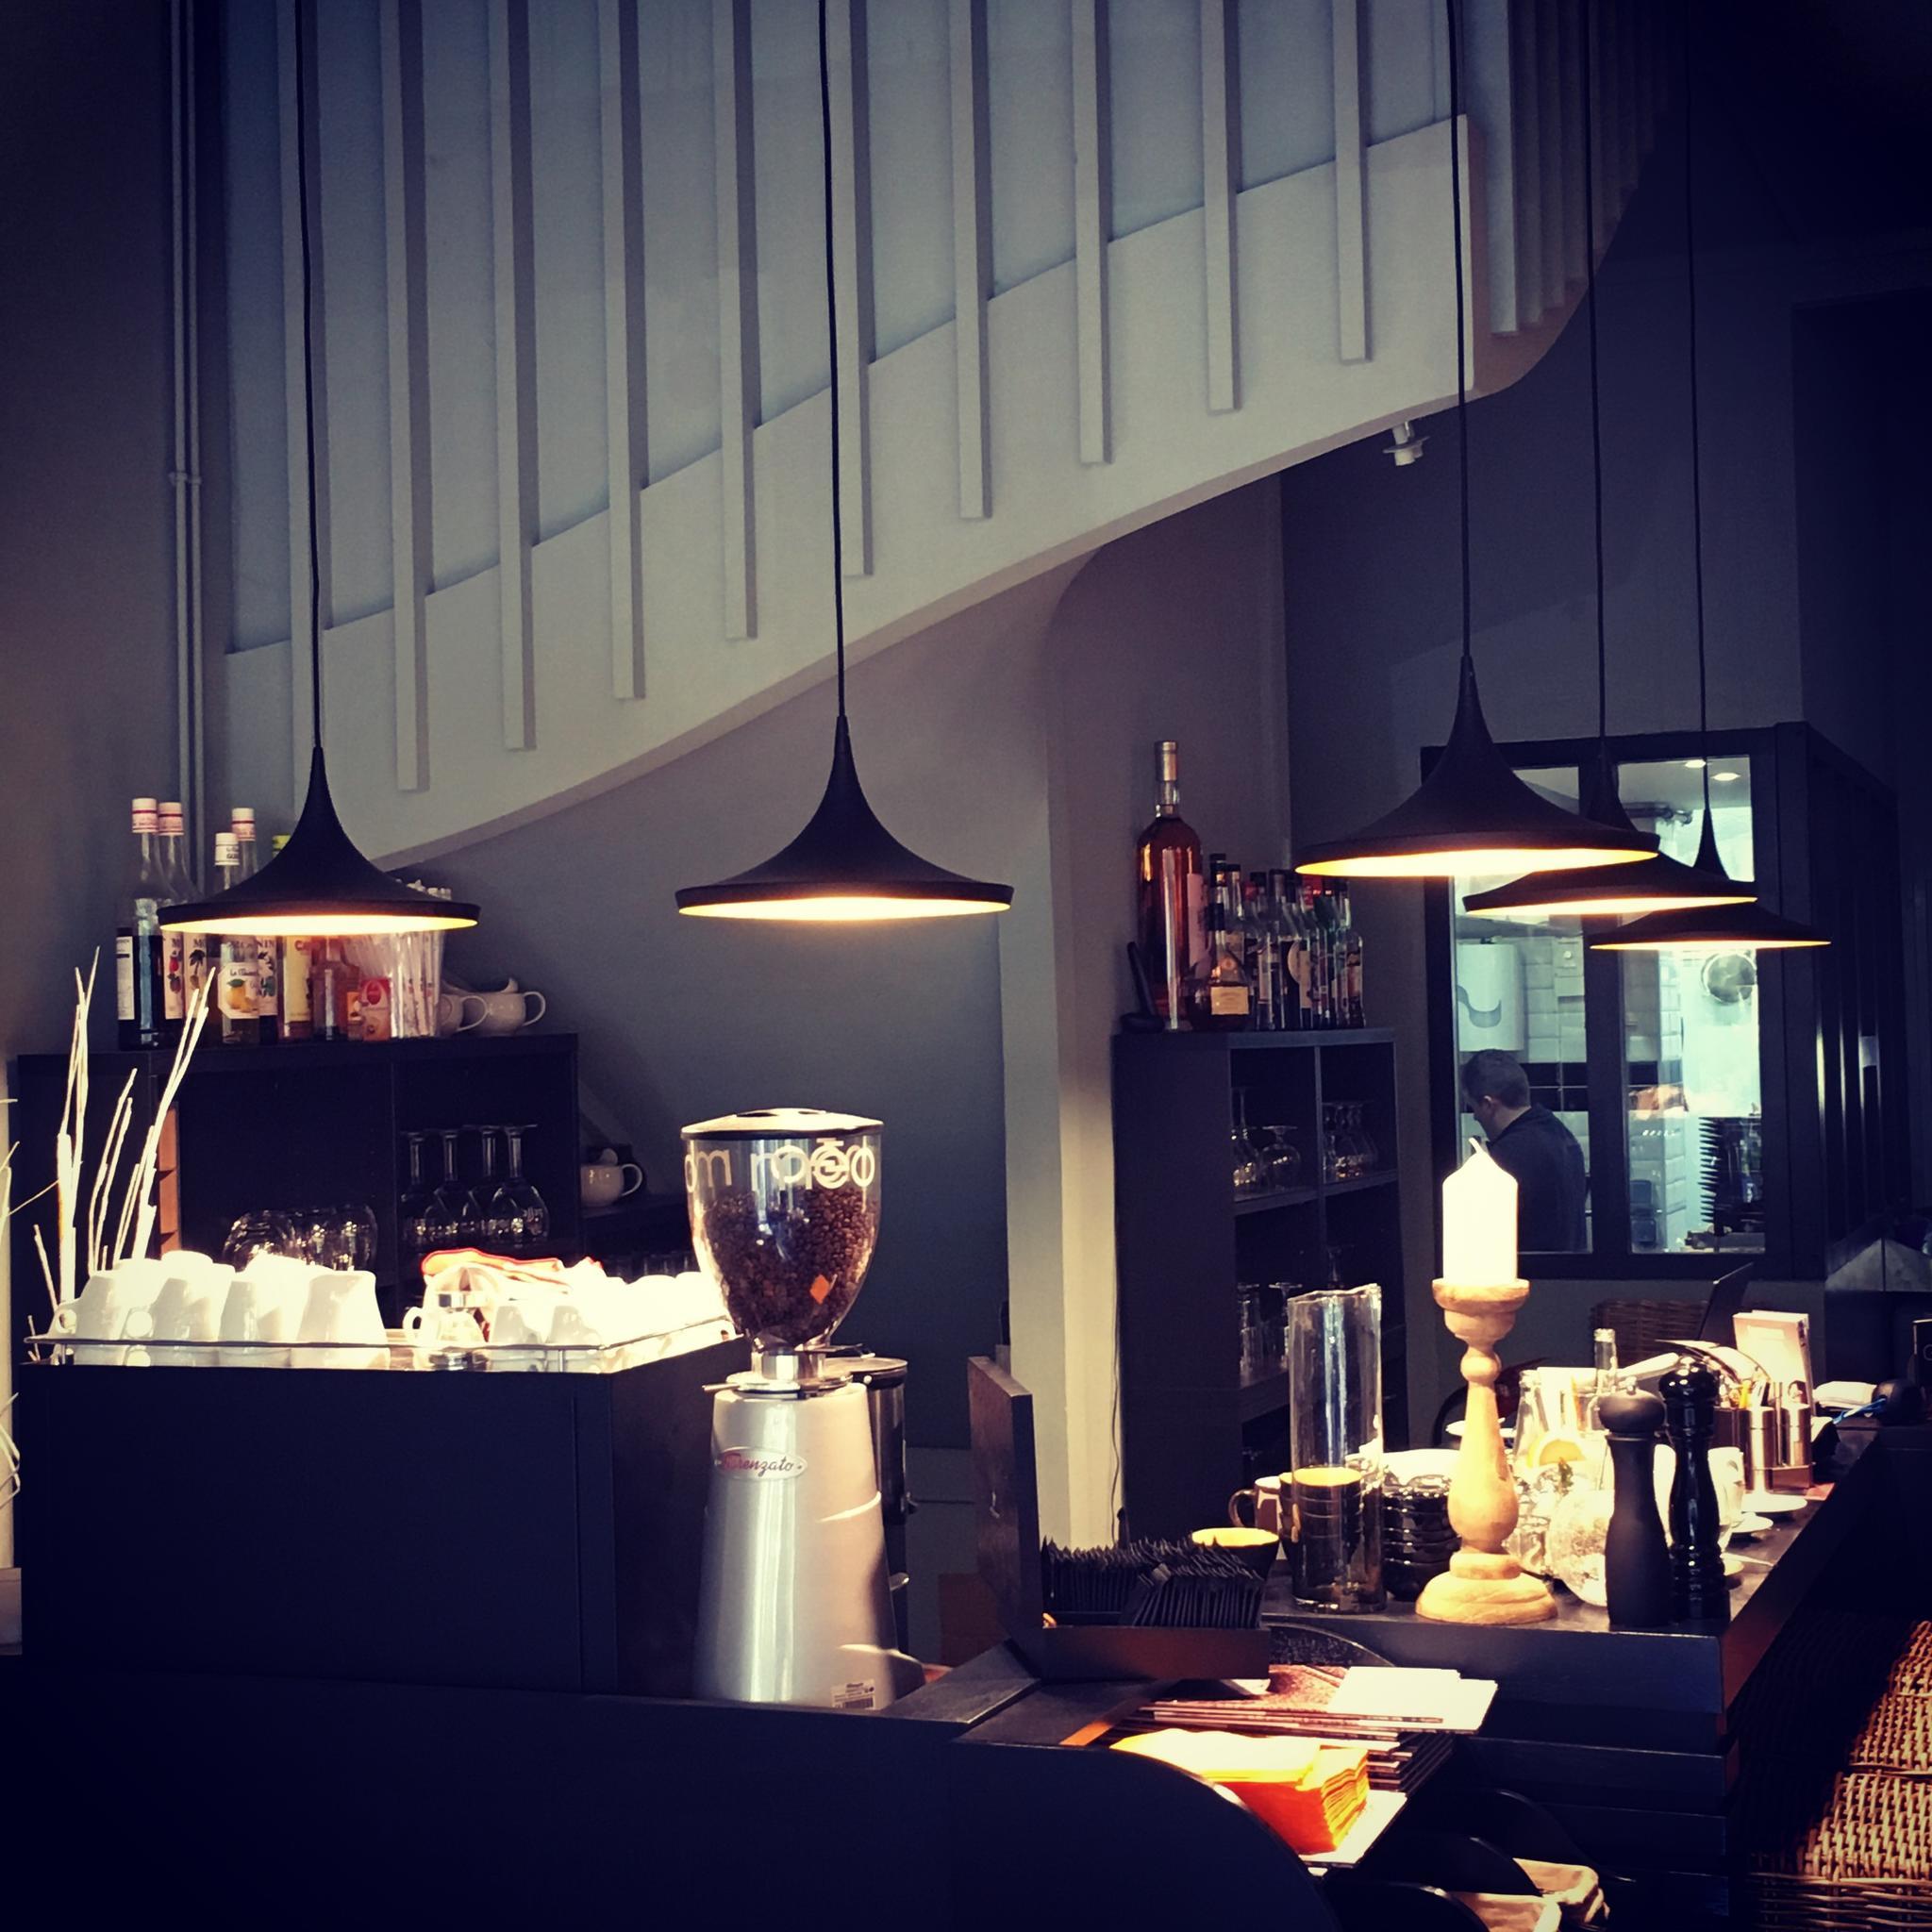 Wat is de aangewezen hoogte van een lamp boven de tafel myplanetled - Eiland keukentafel ...